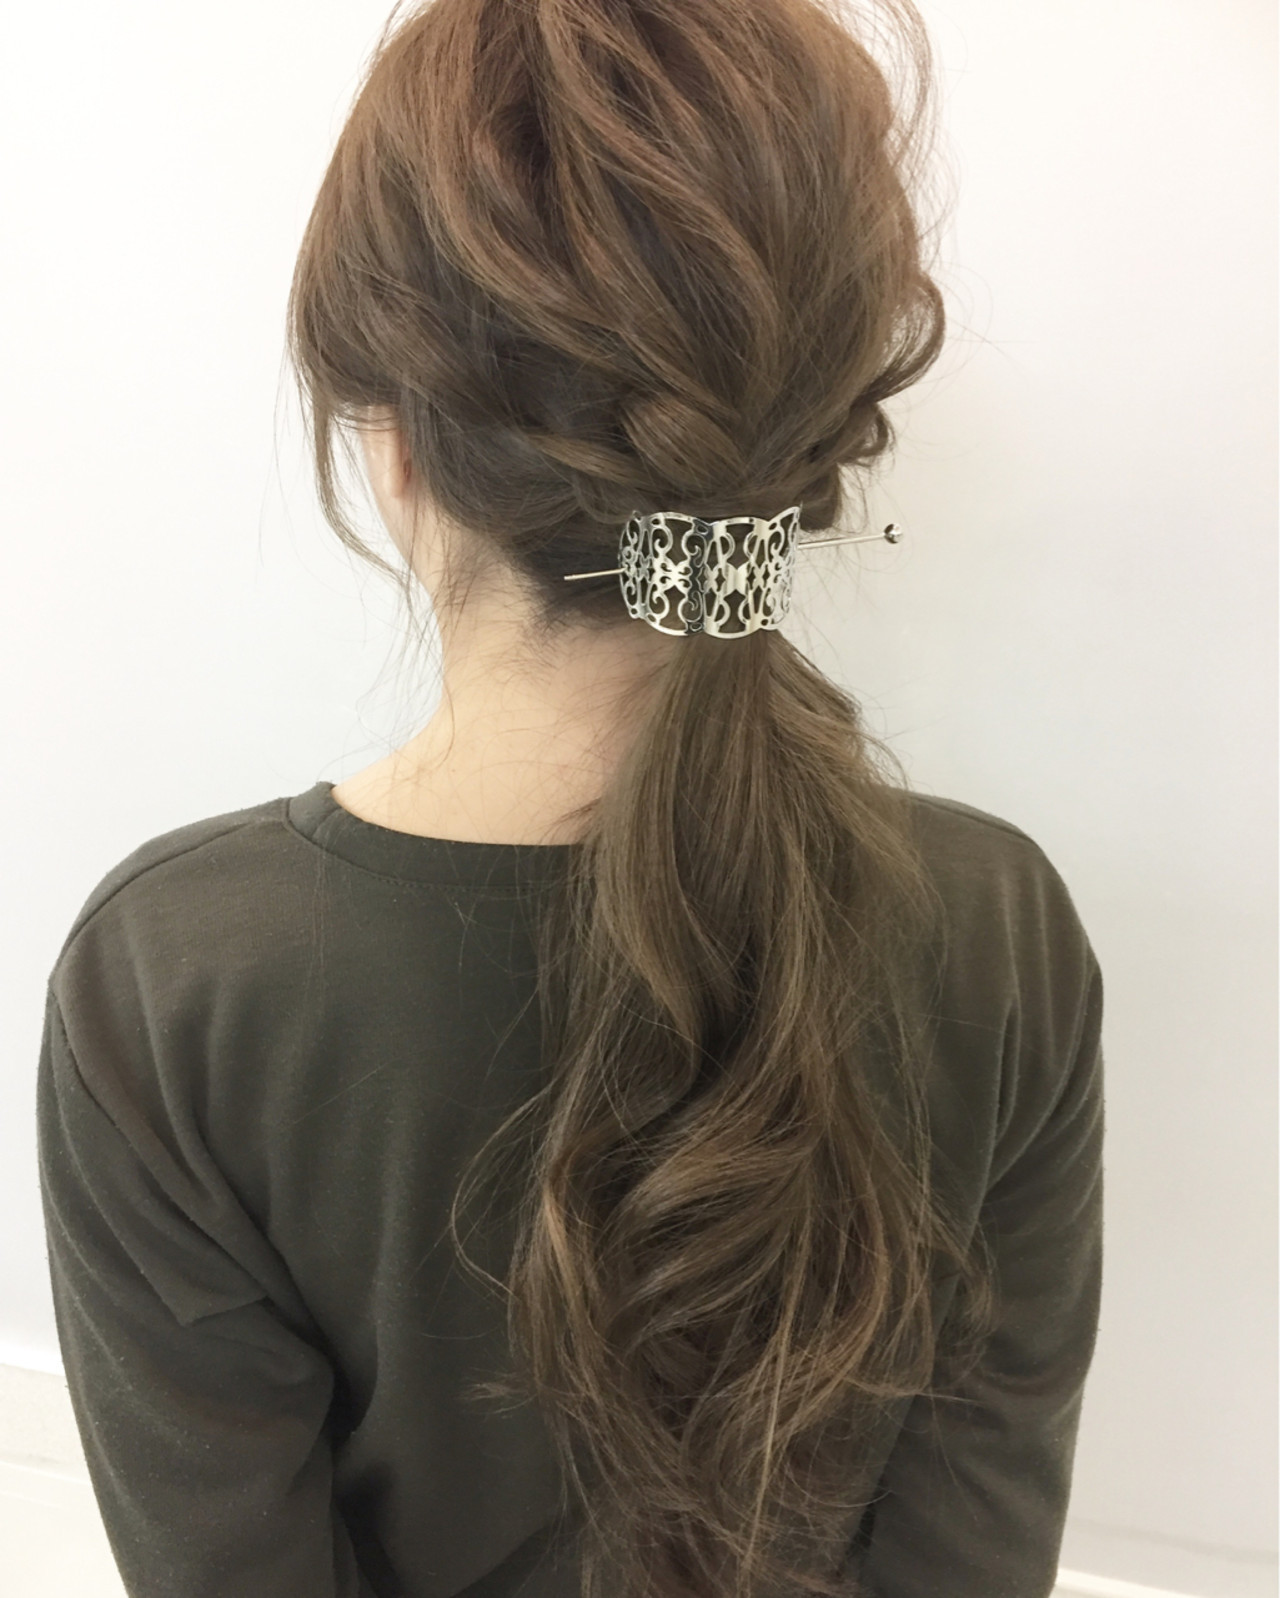 ポニーテール 編み込み ショート 大人女子 ヘアスタイルや髪型の写真・画像